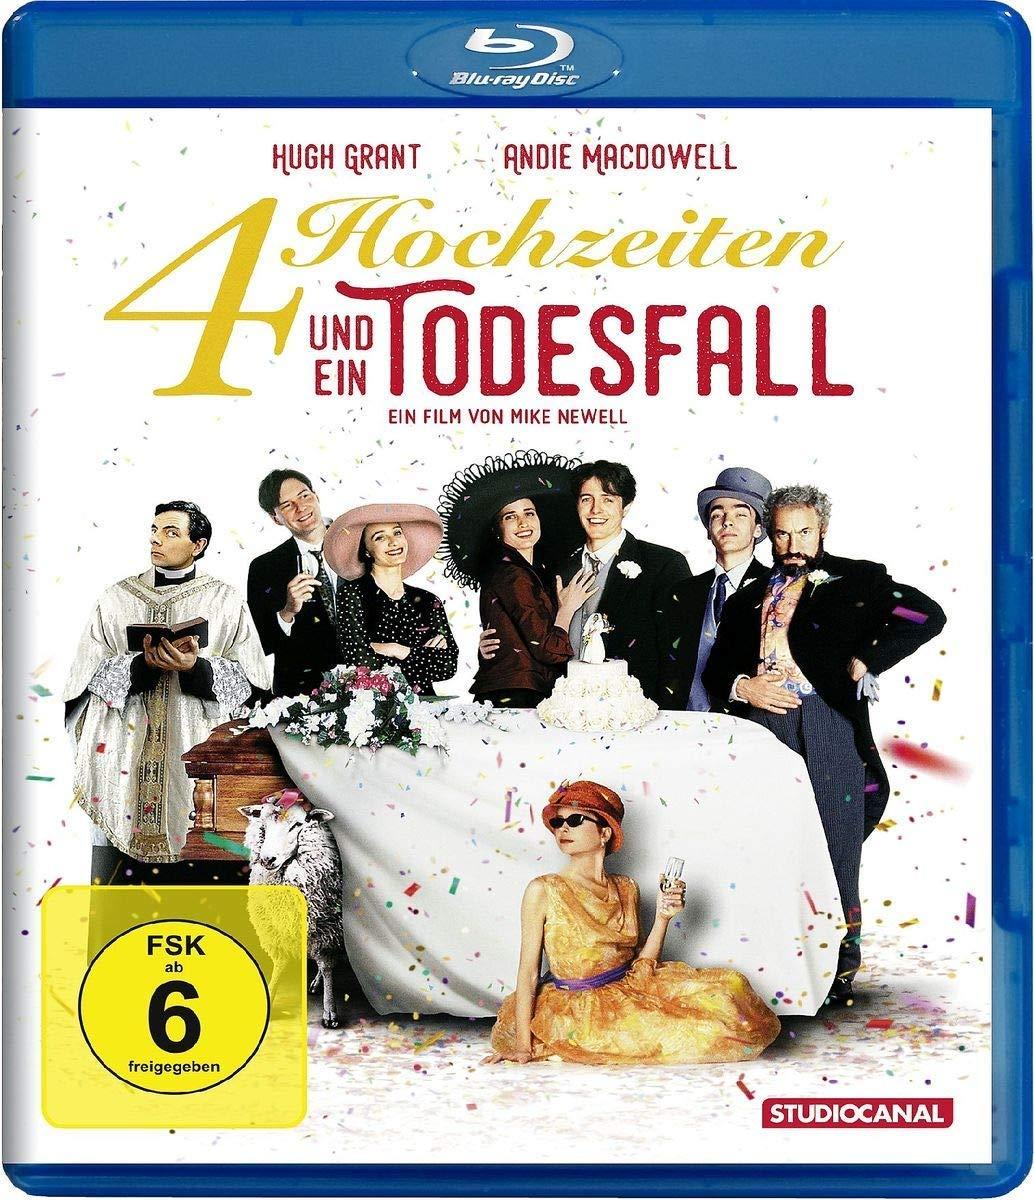 Amazon.com: 10 HOCHZEITEN UND EIN TODE - MO [Blu-ray ...